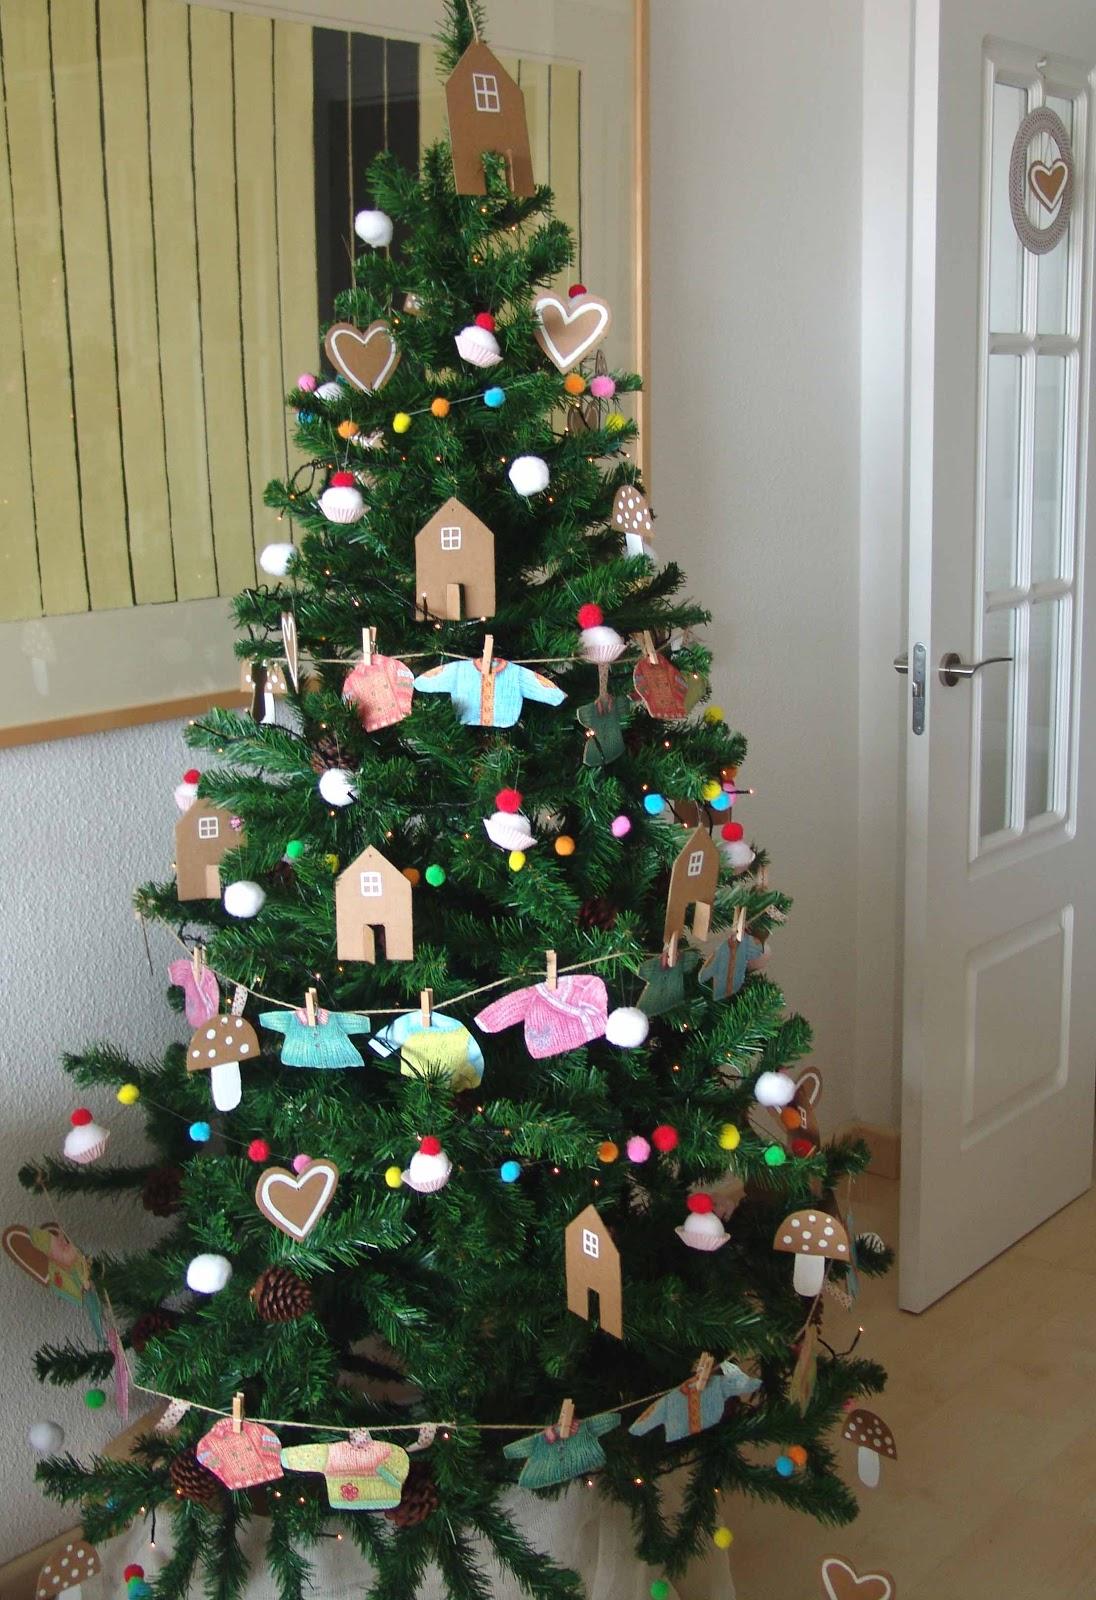 Lalibelula adornos para el arbol de navidad hechos a mano - Arboles de navidad adornos ...